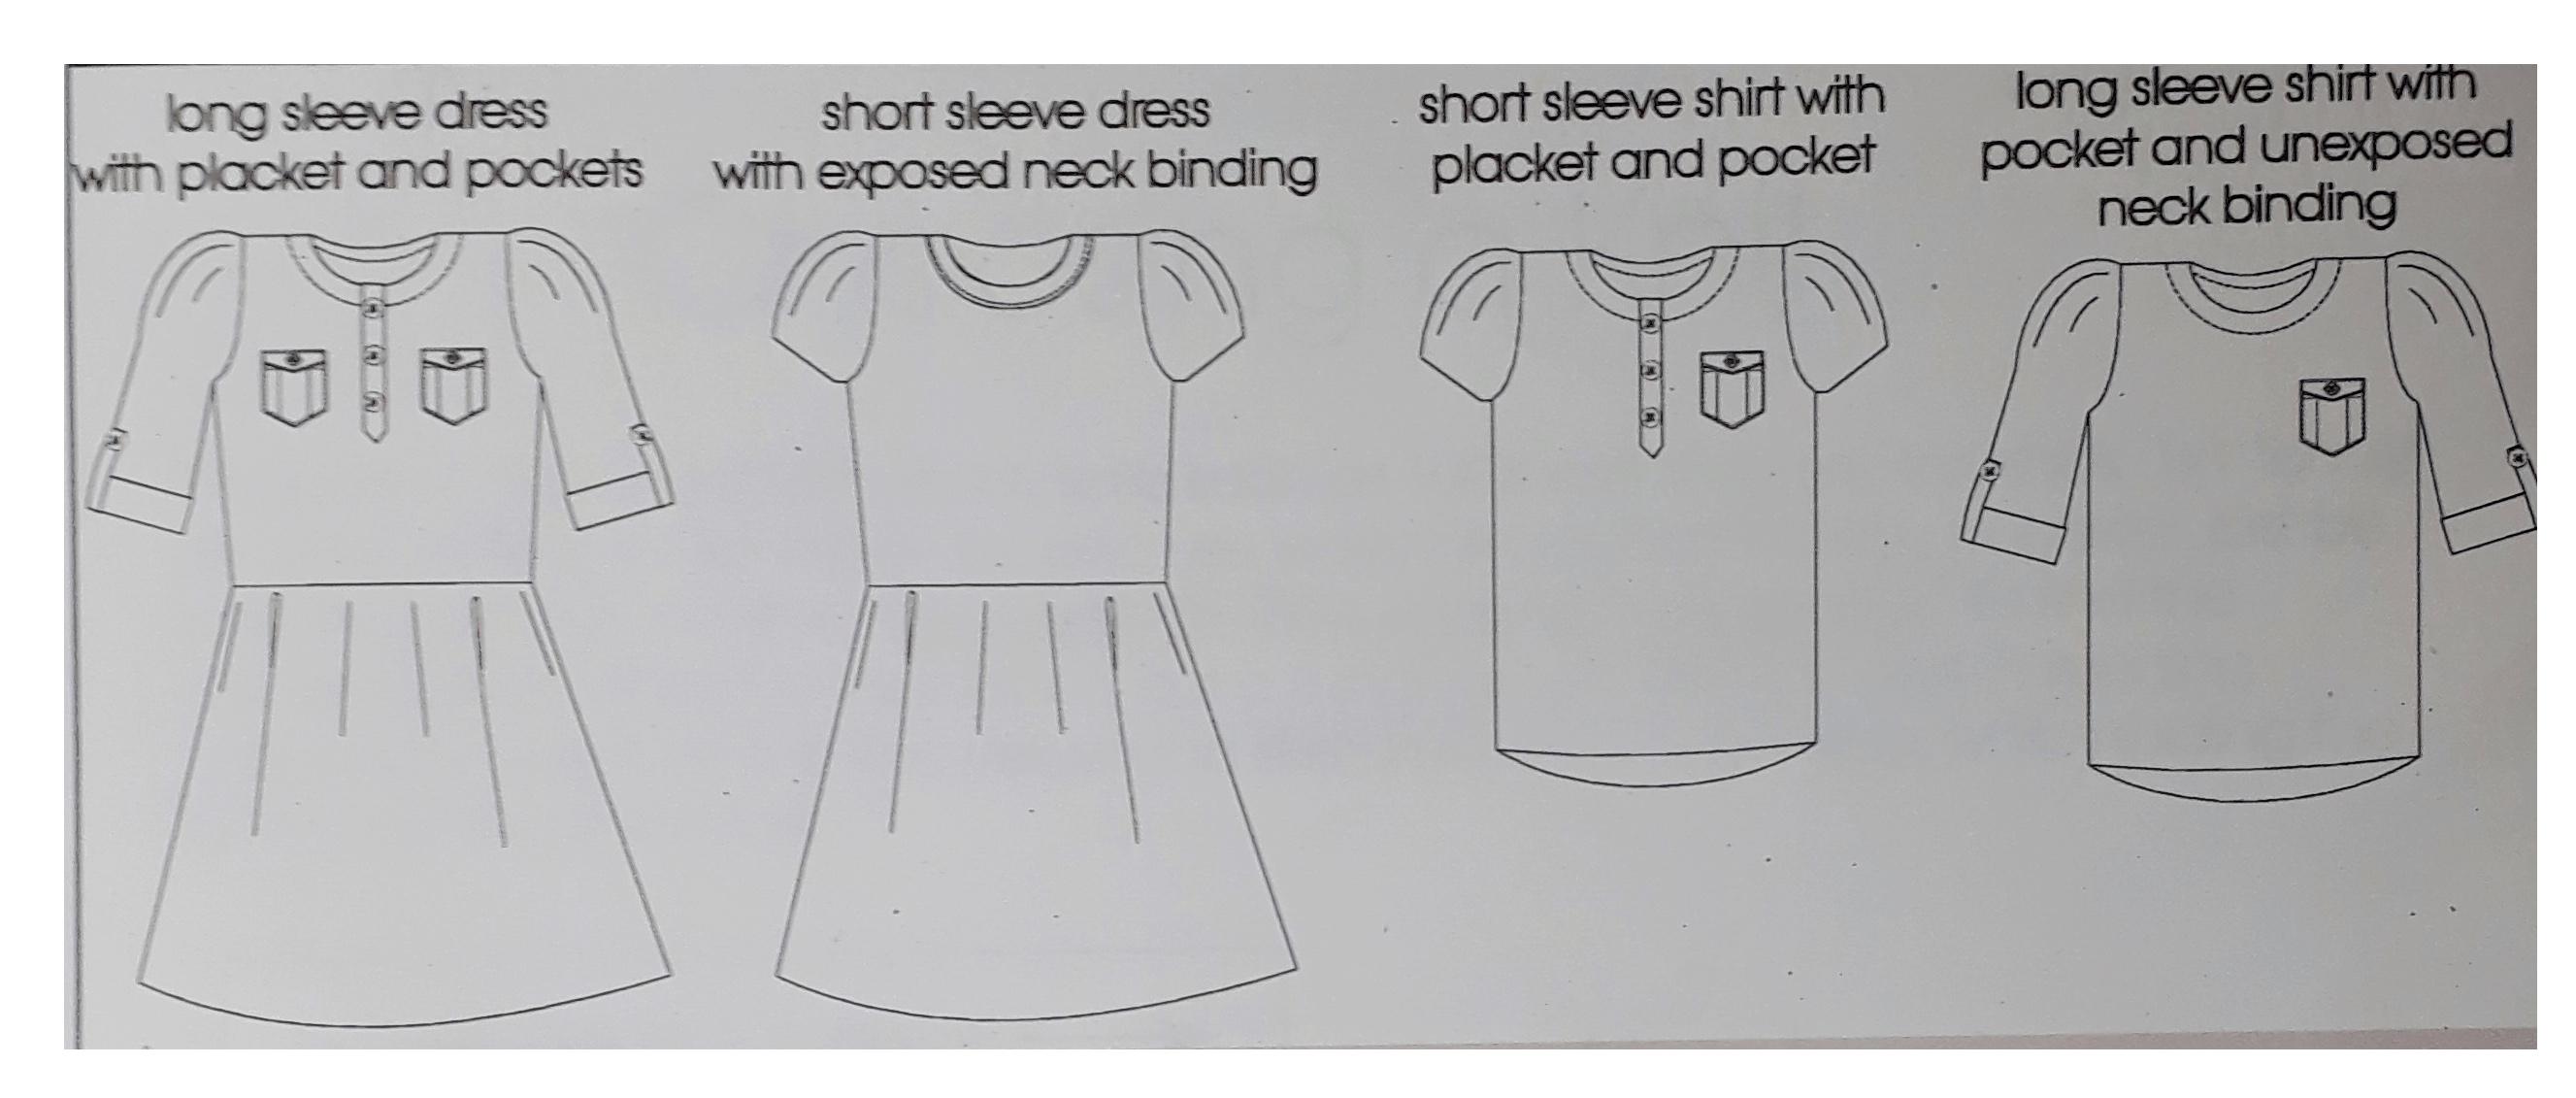 Kensington Dress by Hey June patterns